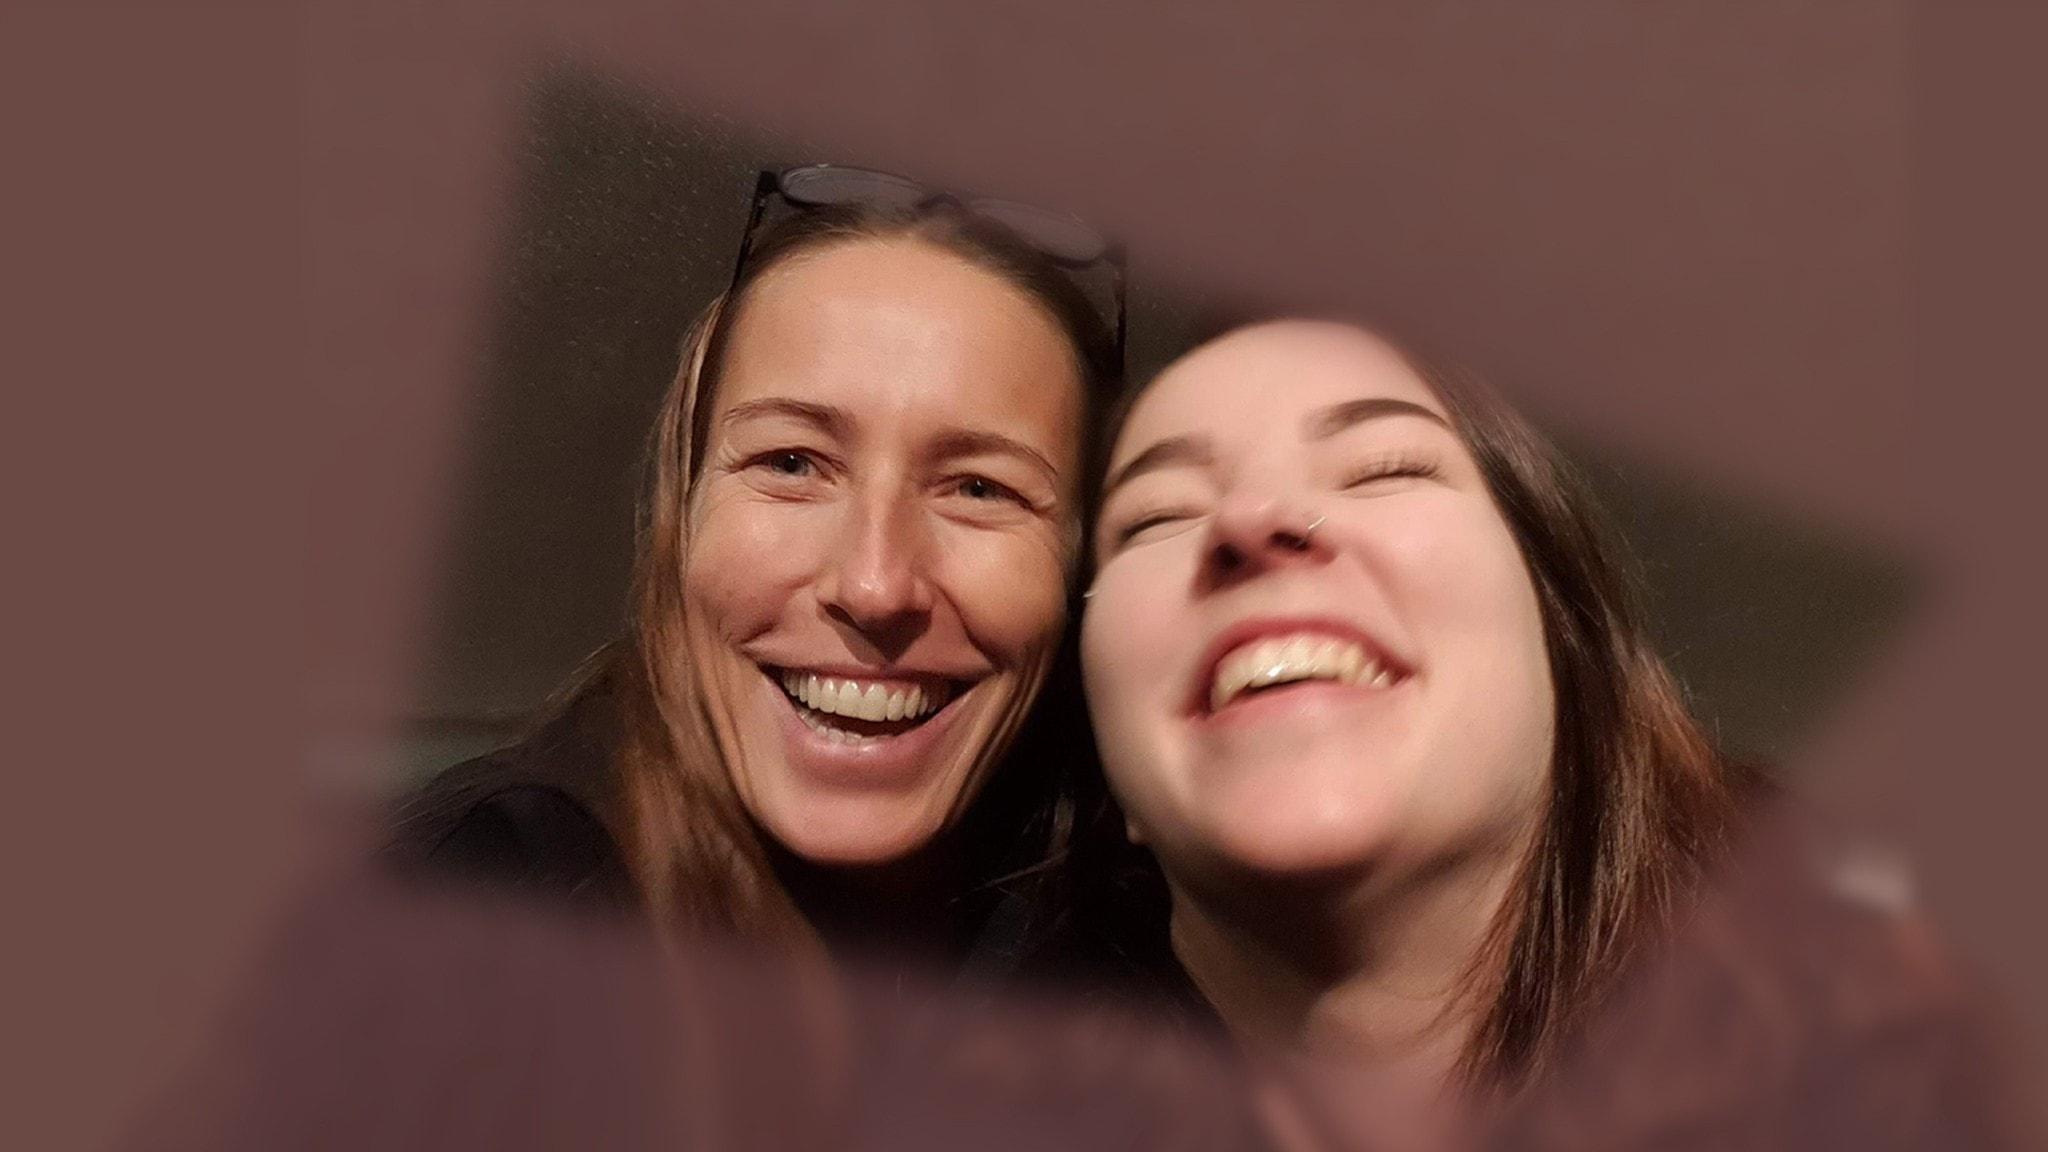 Cilla Zbinden med dottern Lisa. Båda skrattar och är nära varandra.